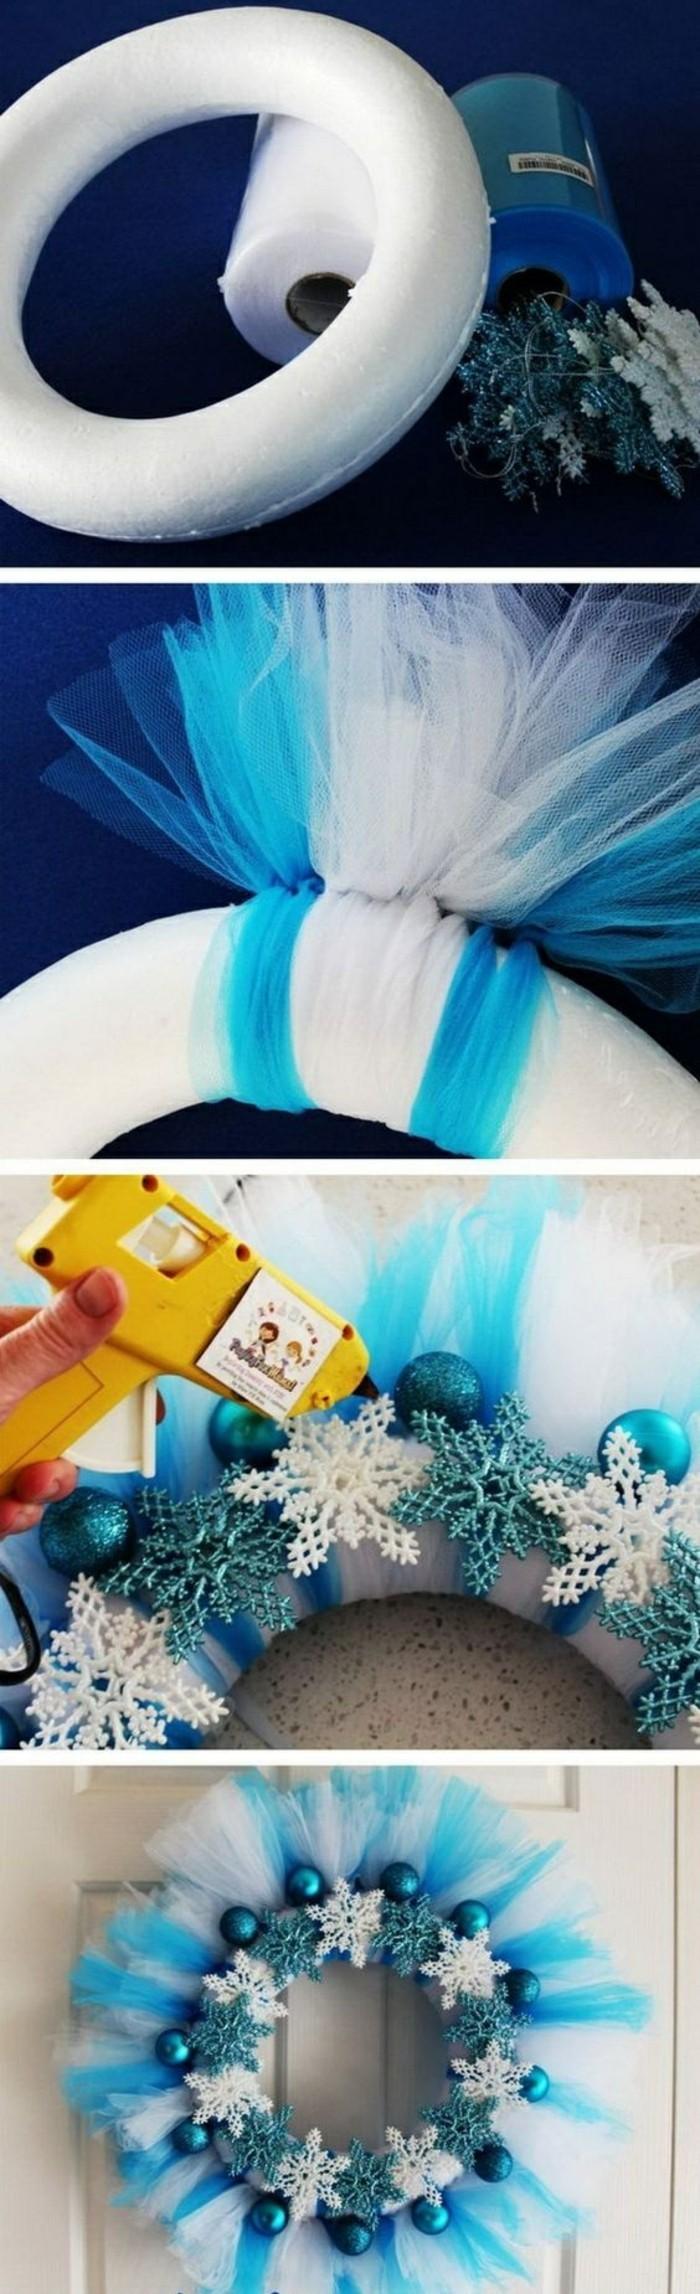 tuerkraenze-weihnachten-aus-weissen-und-blauen-schleifen-blaue-weihnachtskugeln-schleefloecken